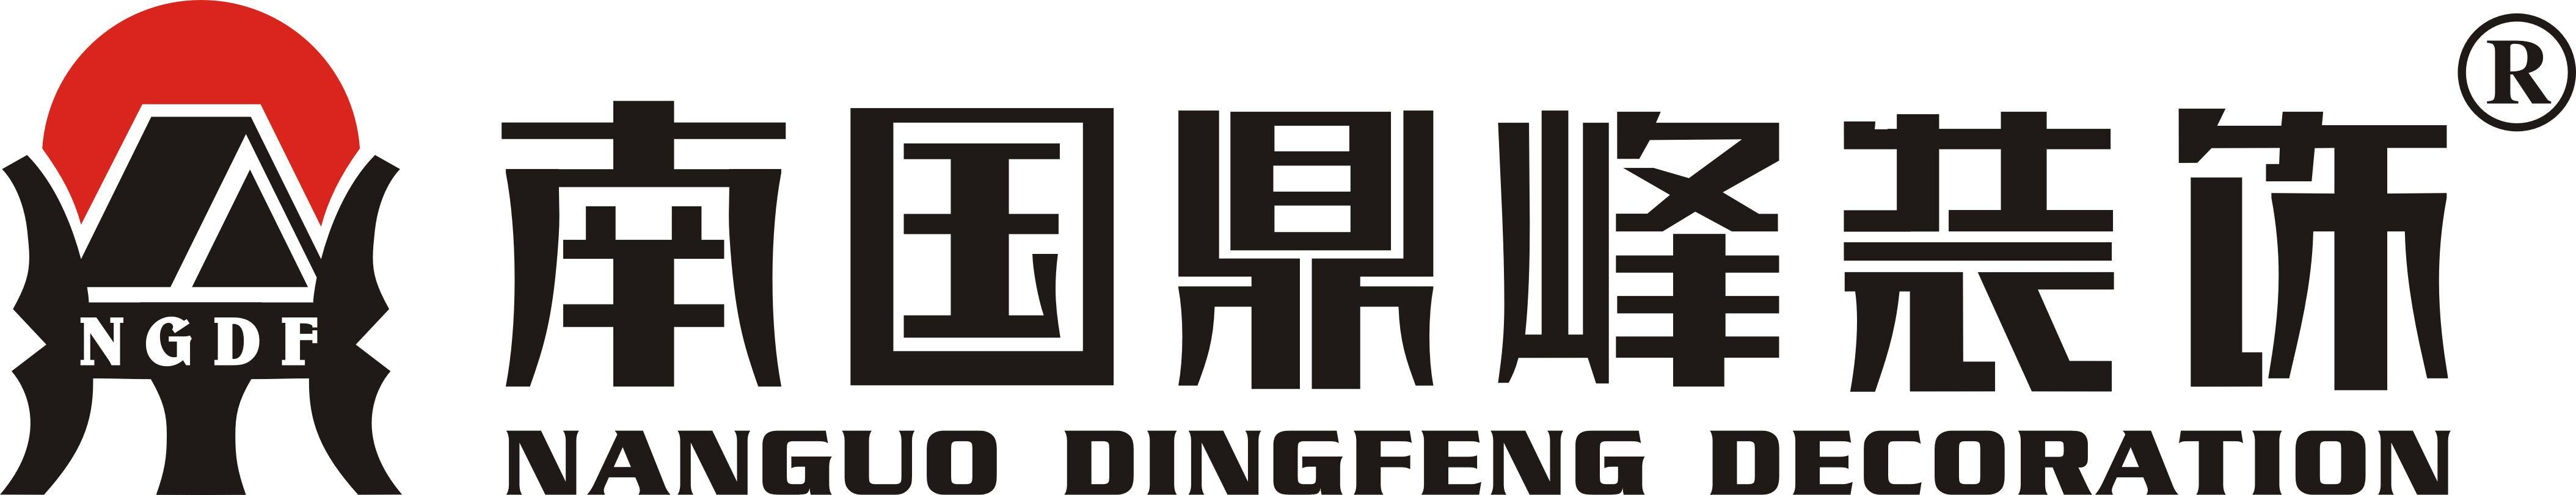 广东南国鼎峰装饰绍兴分公司 - 绍兴装修公司